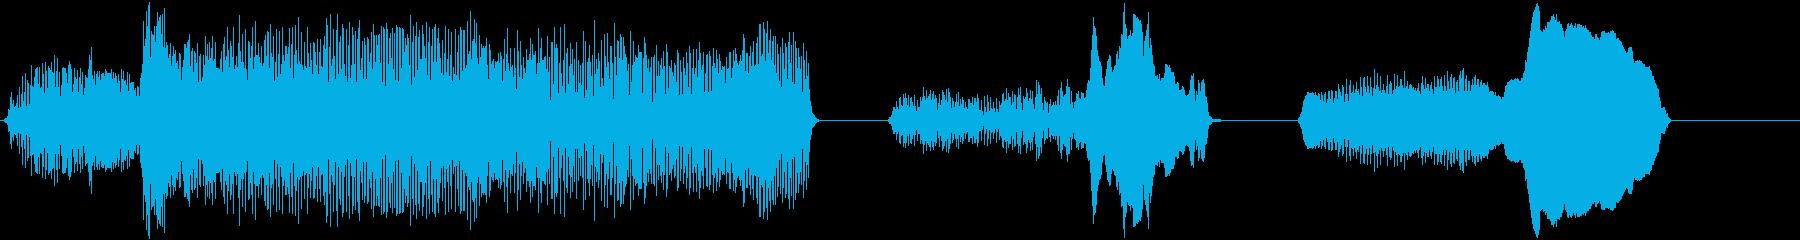 猫のうなり声;不気味で低く、リバー...の再生済みの波形